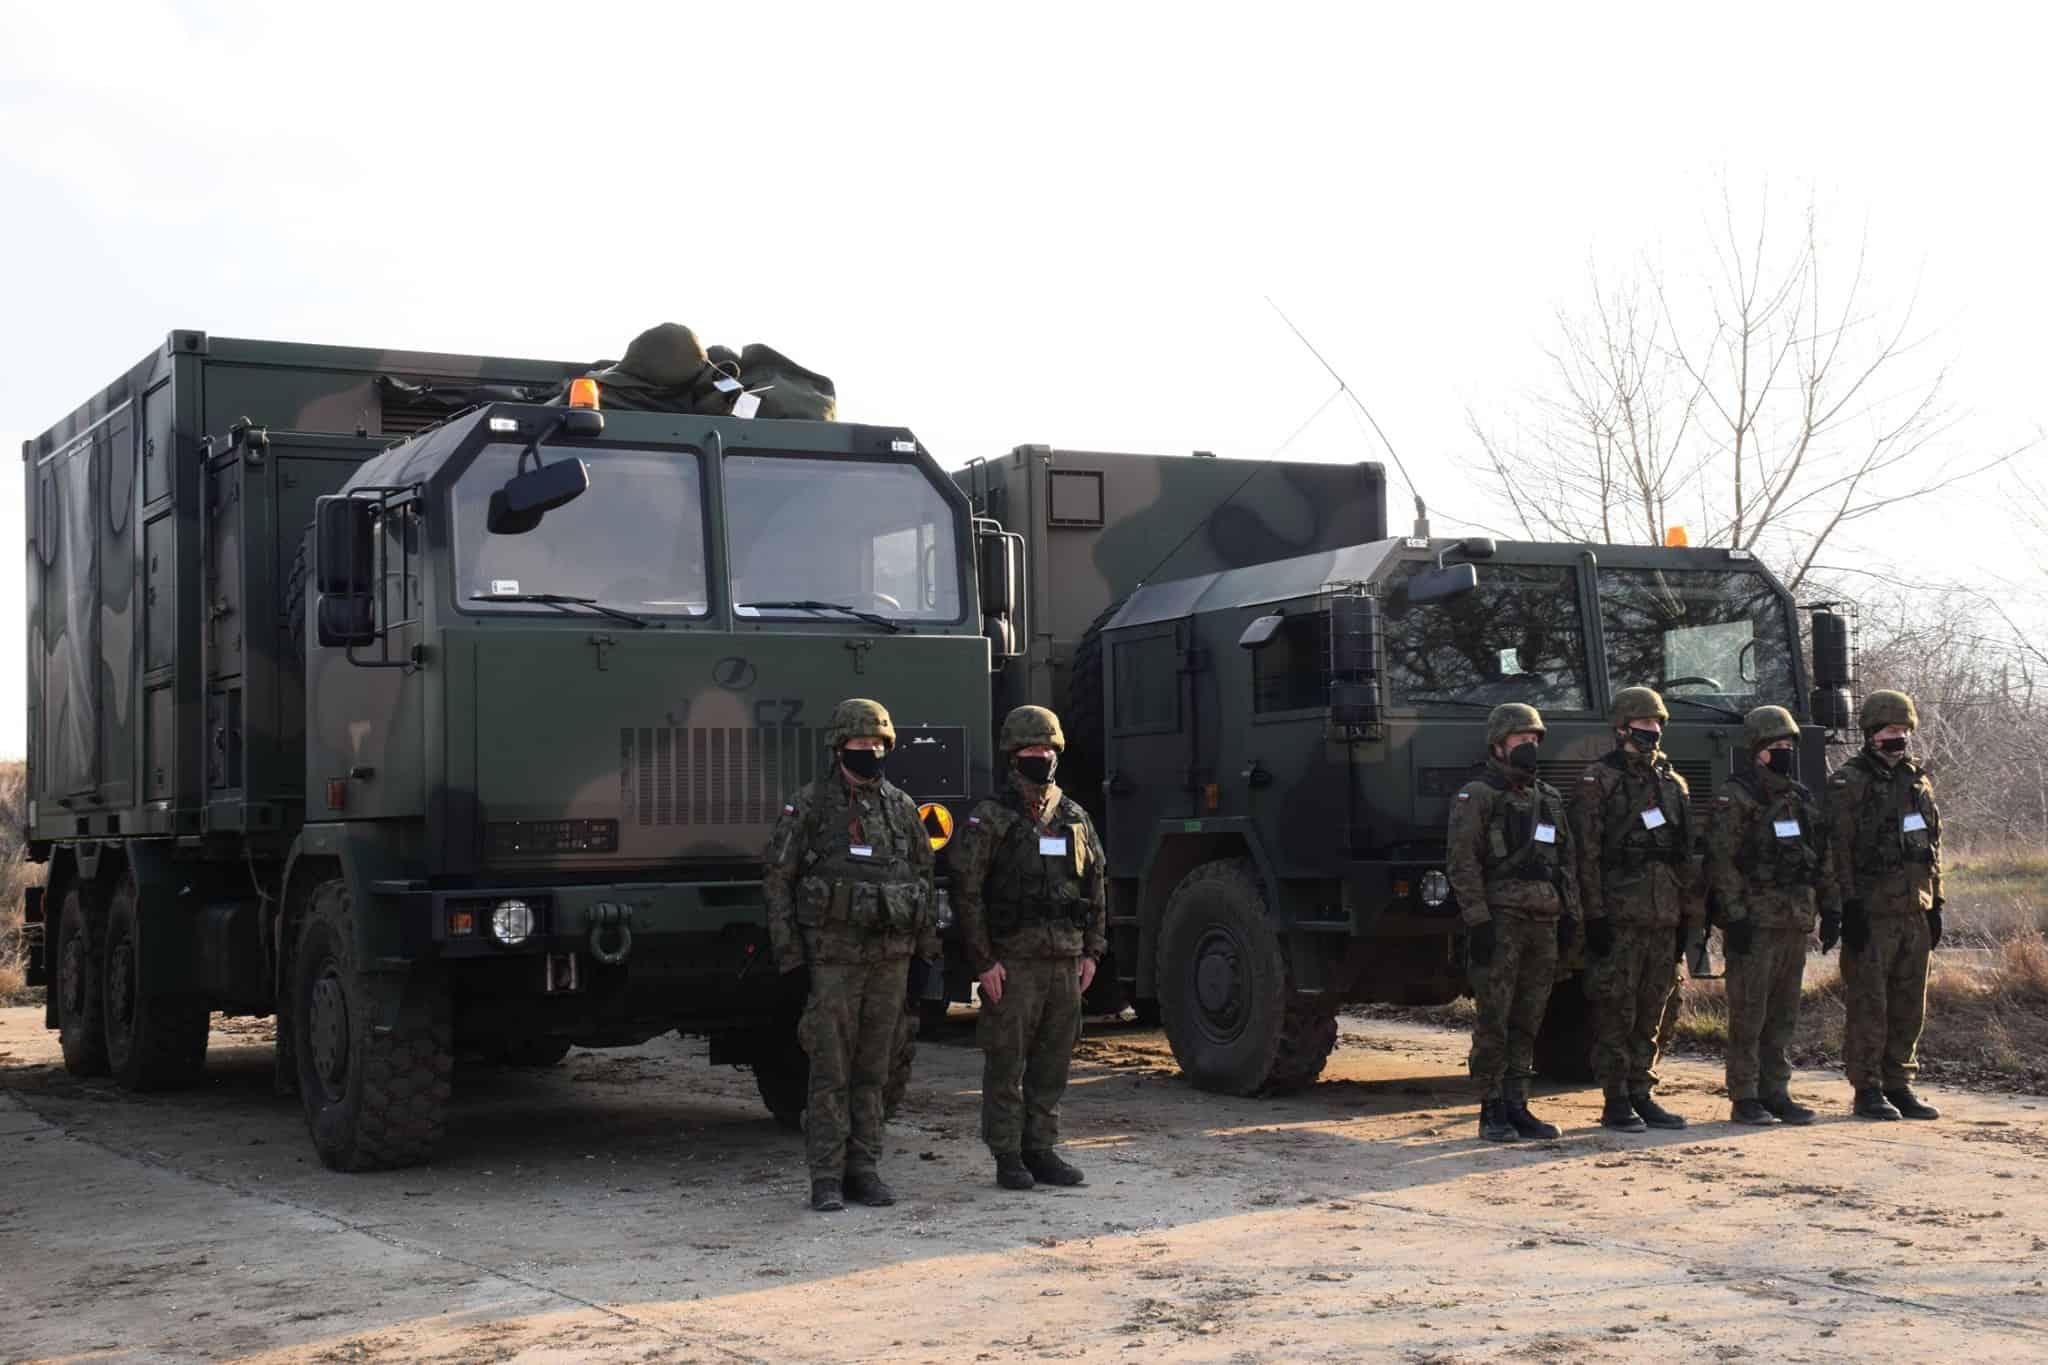 Спеціальні машини польського берегового ракетного комплексу на навчаннях у Румунії